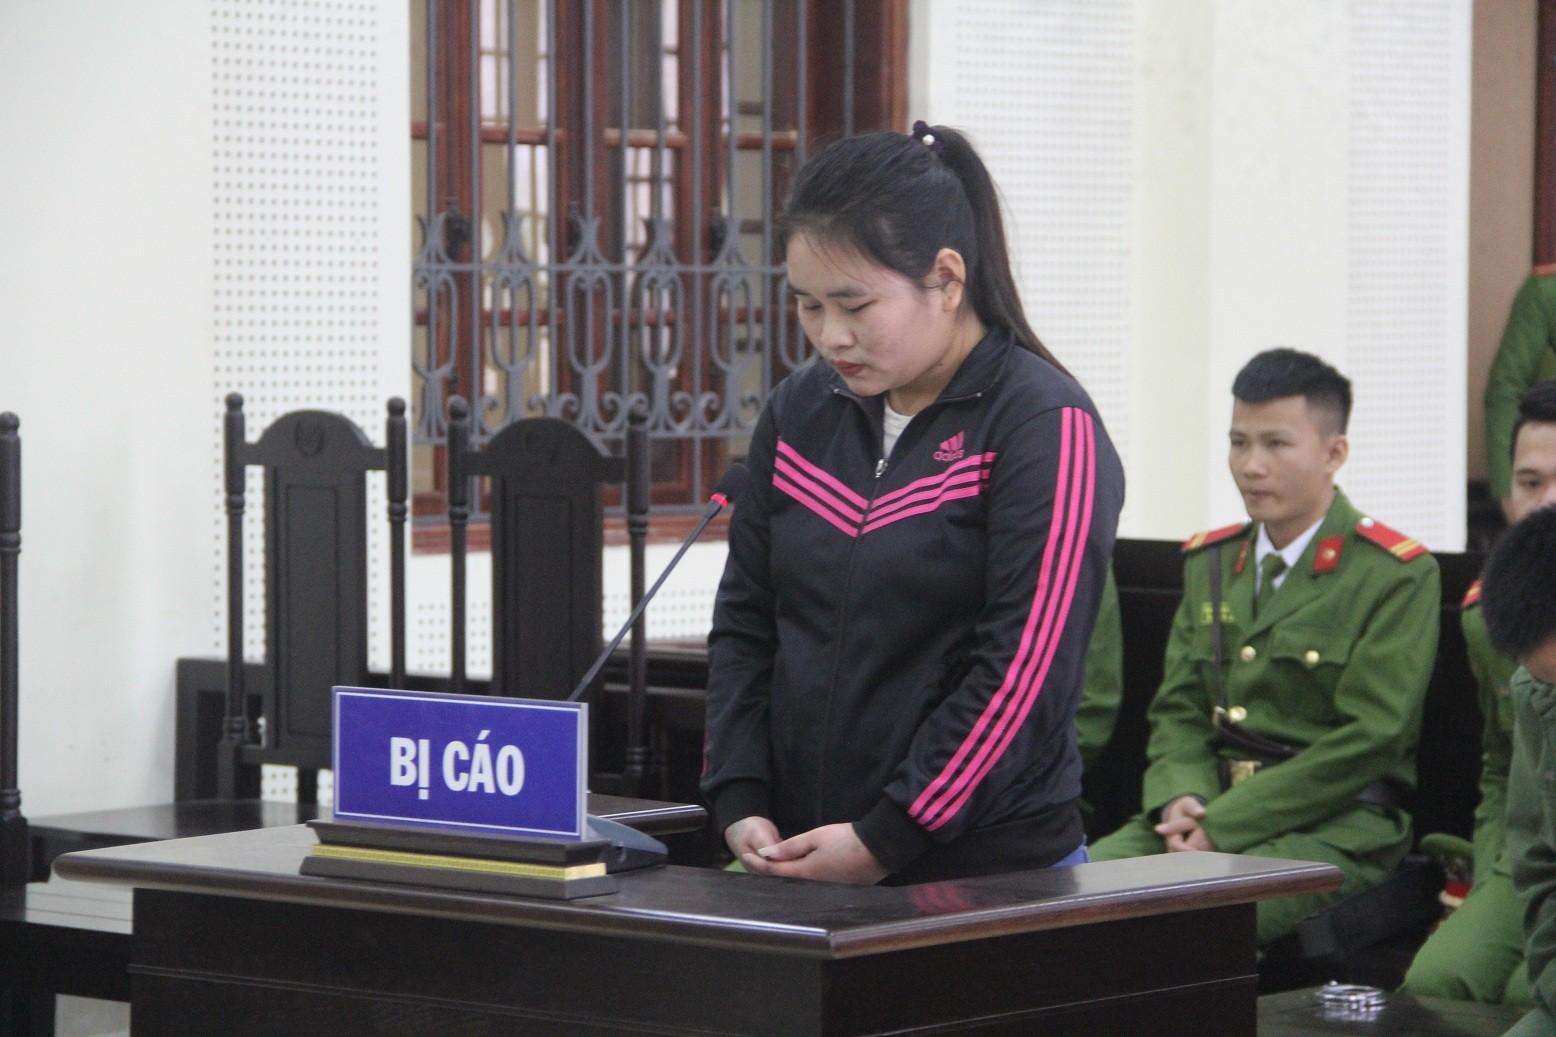 Hối hận muộn màng của người chị họ bán em 15 tuổi sang Trung Quốc lấy chồng - Ảnh 1